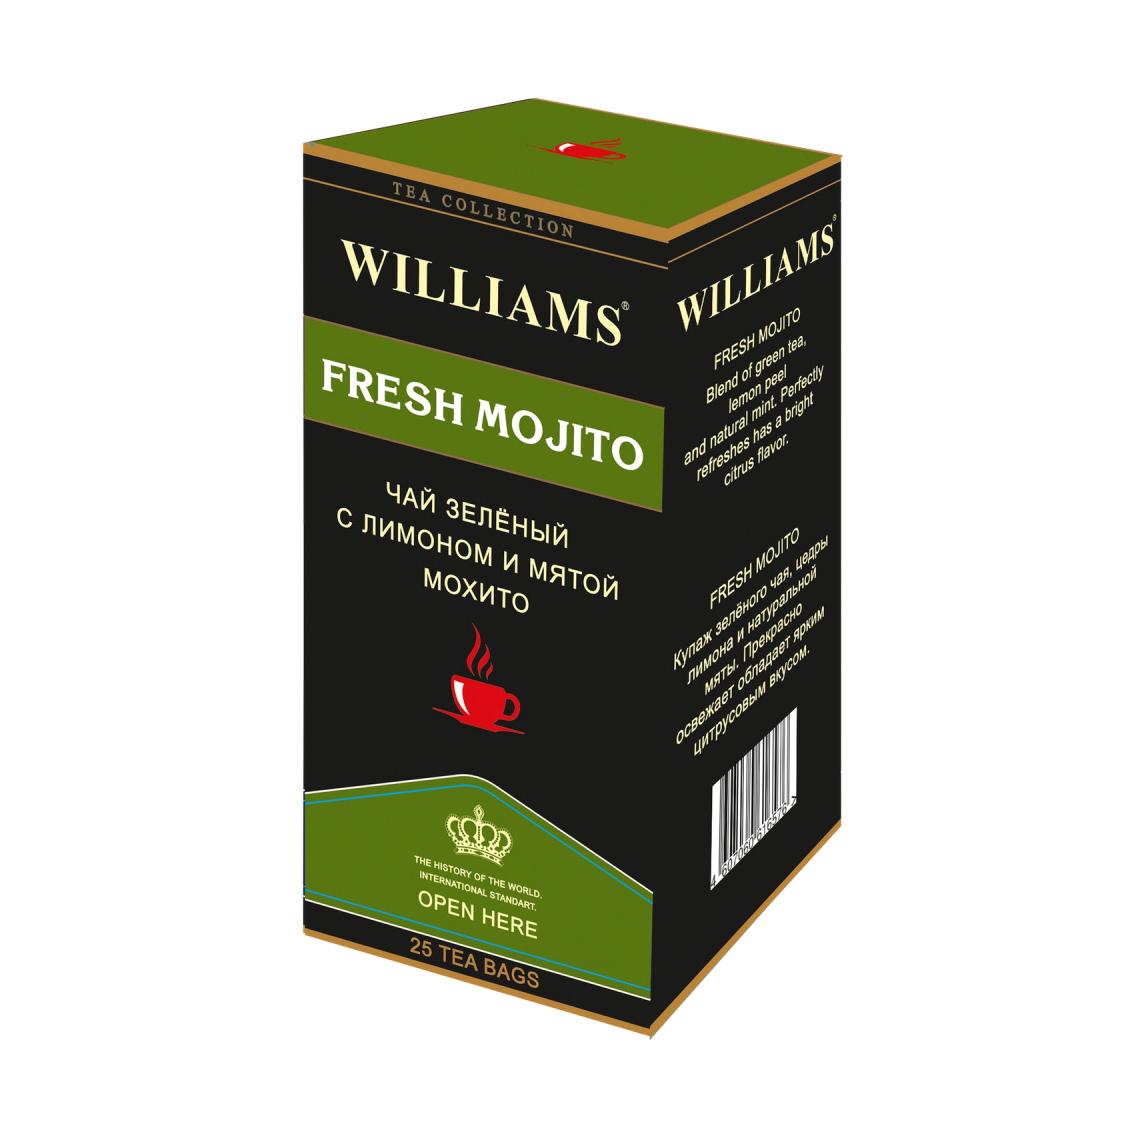 Чай Williams Fresh Mojito зеленый, с лимоном и мятой 25 пакетиков flavoring for deflector автопрофи mentos mr pilot fresh mojito fresh mojito 17g mnt100